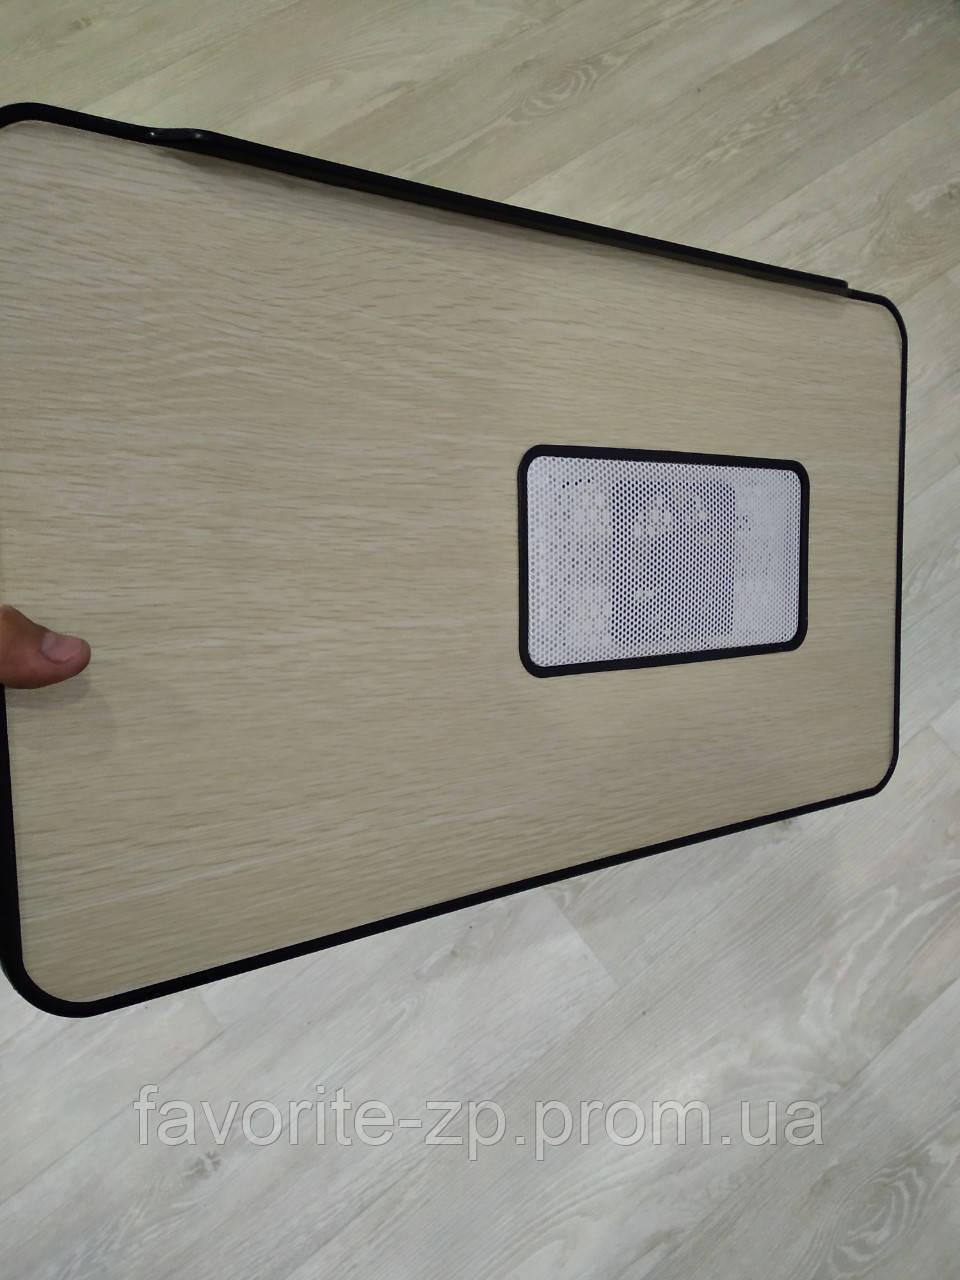 Підставка для ноутбука з кулером MHZ Laptop table A8